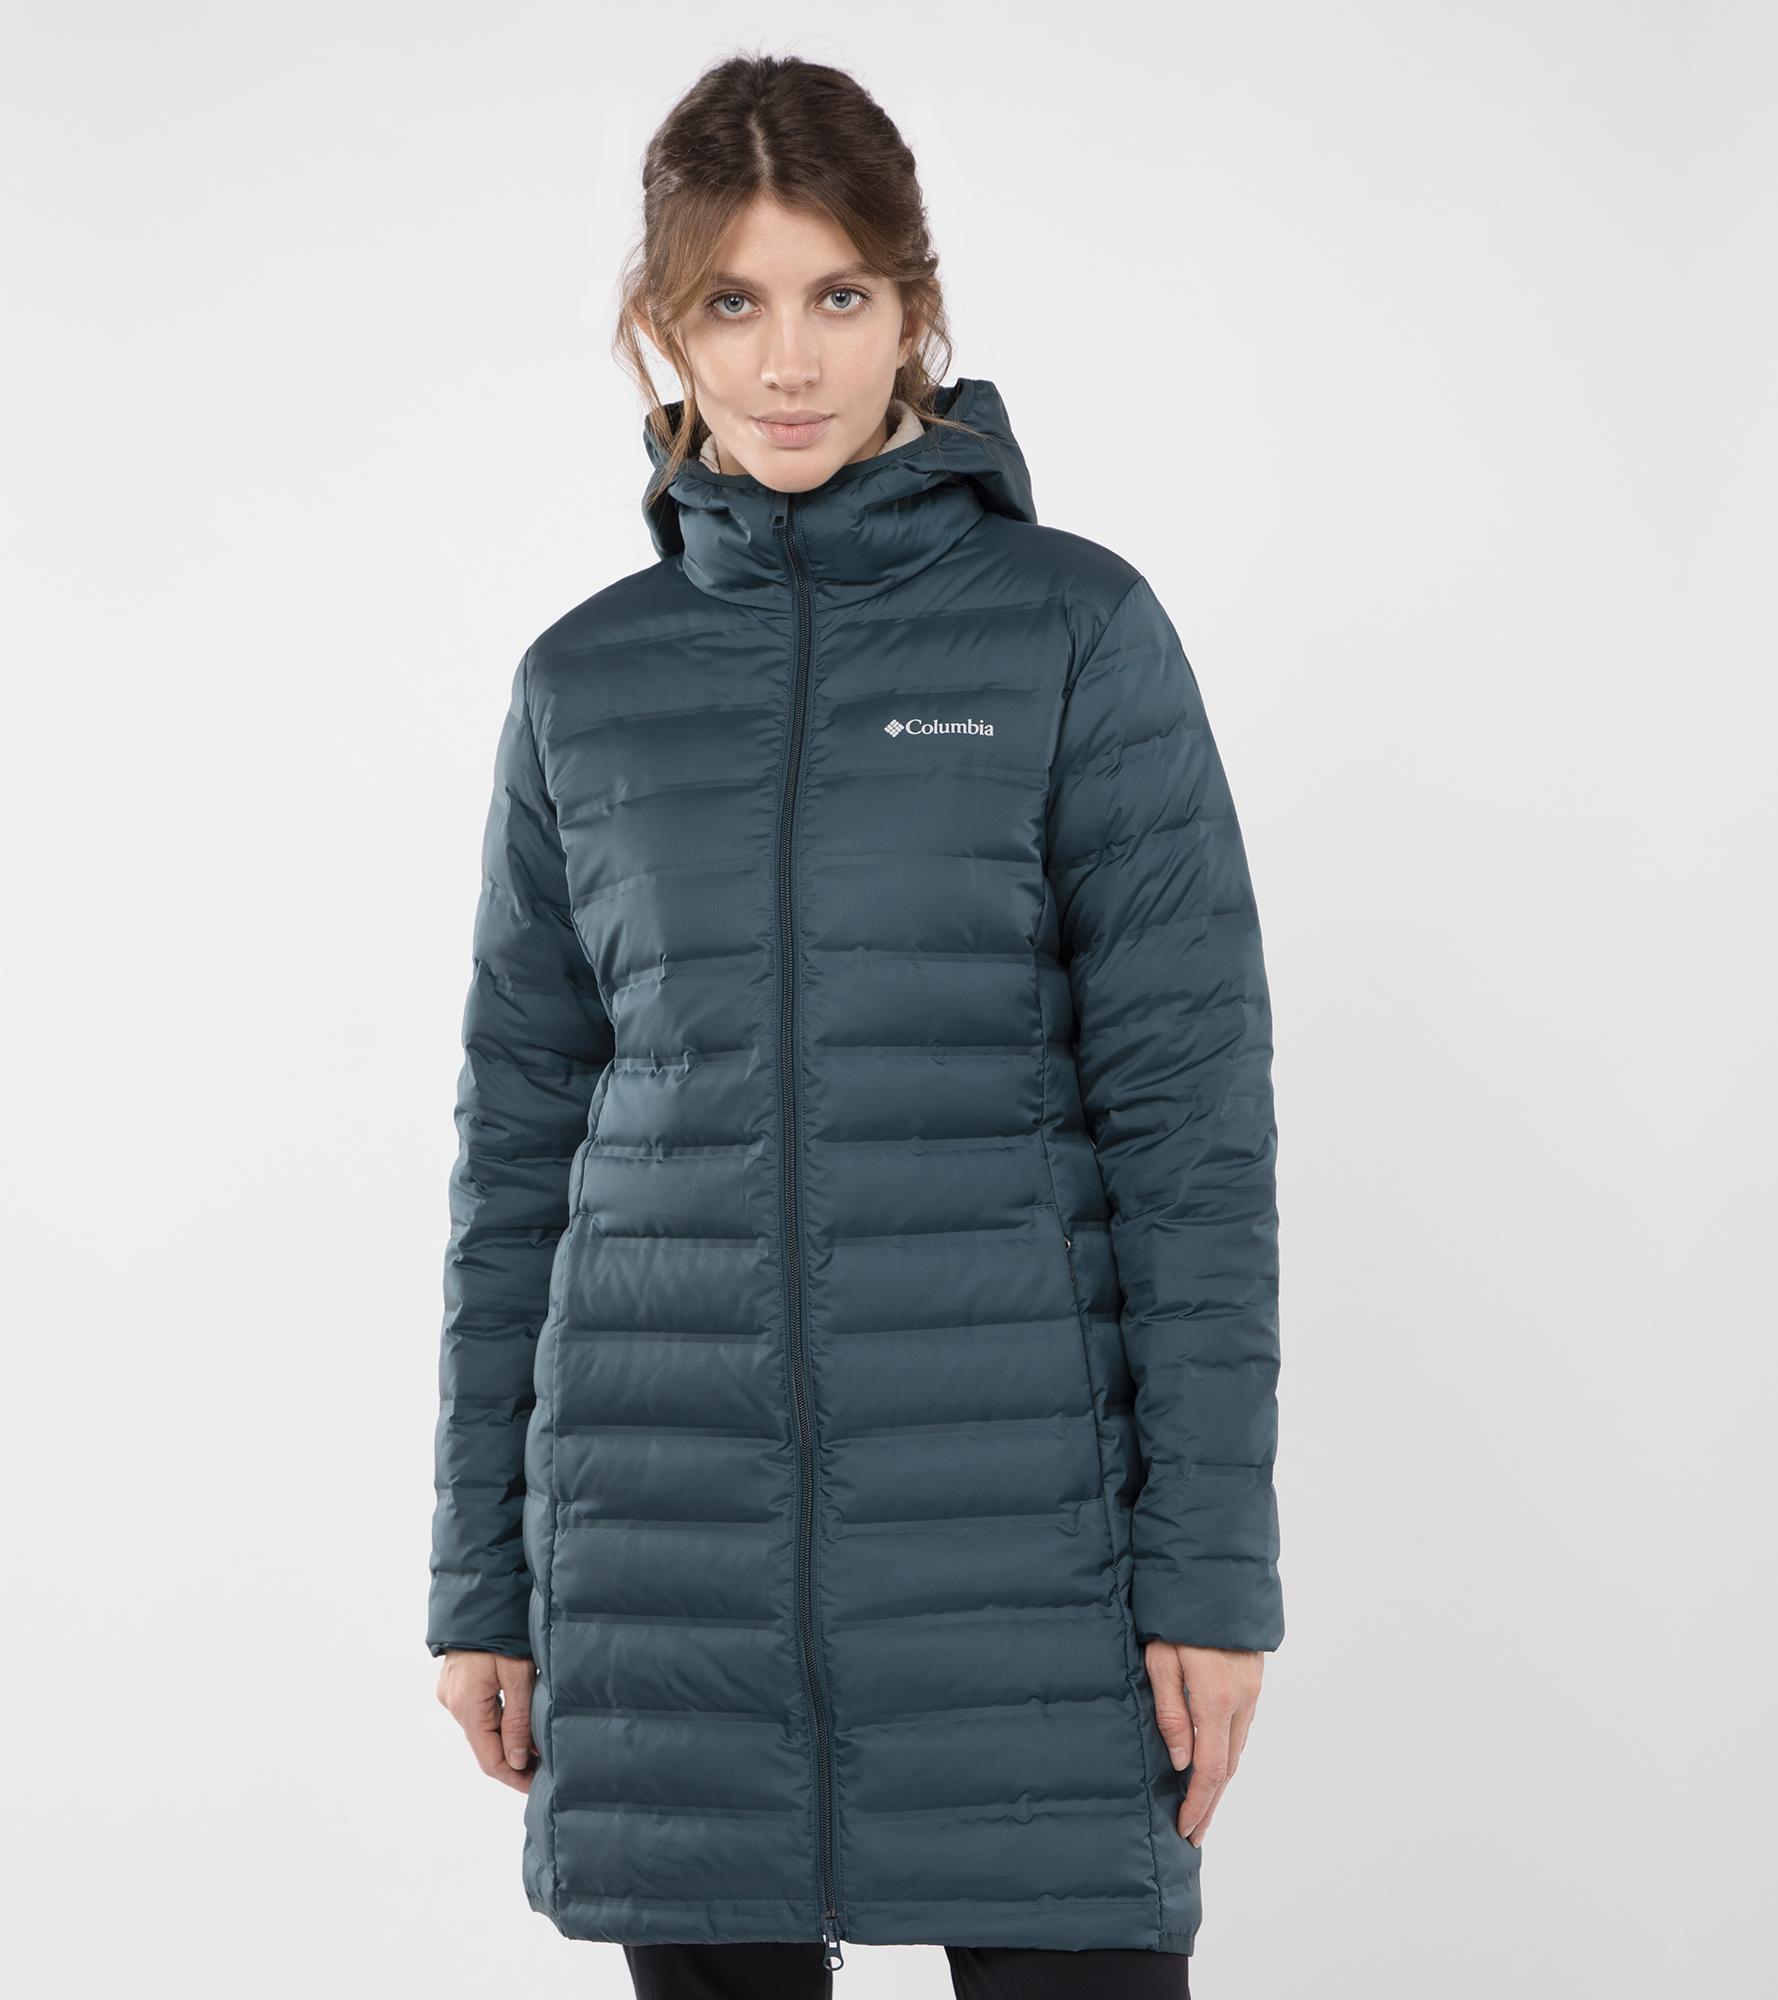 Columbia Куртка пуховая женская Lake 22, размер 50